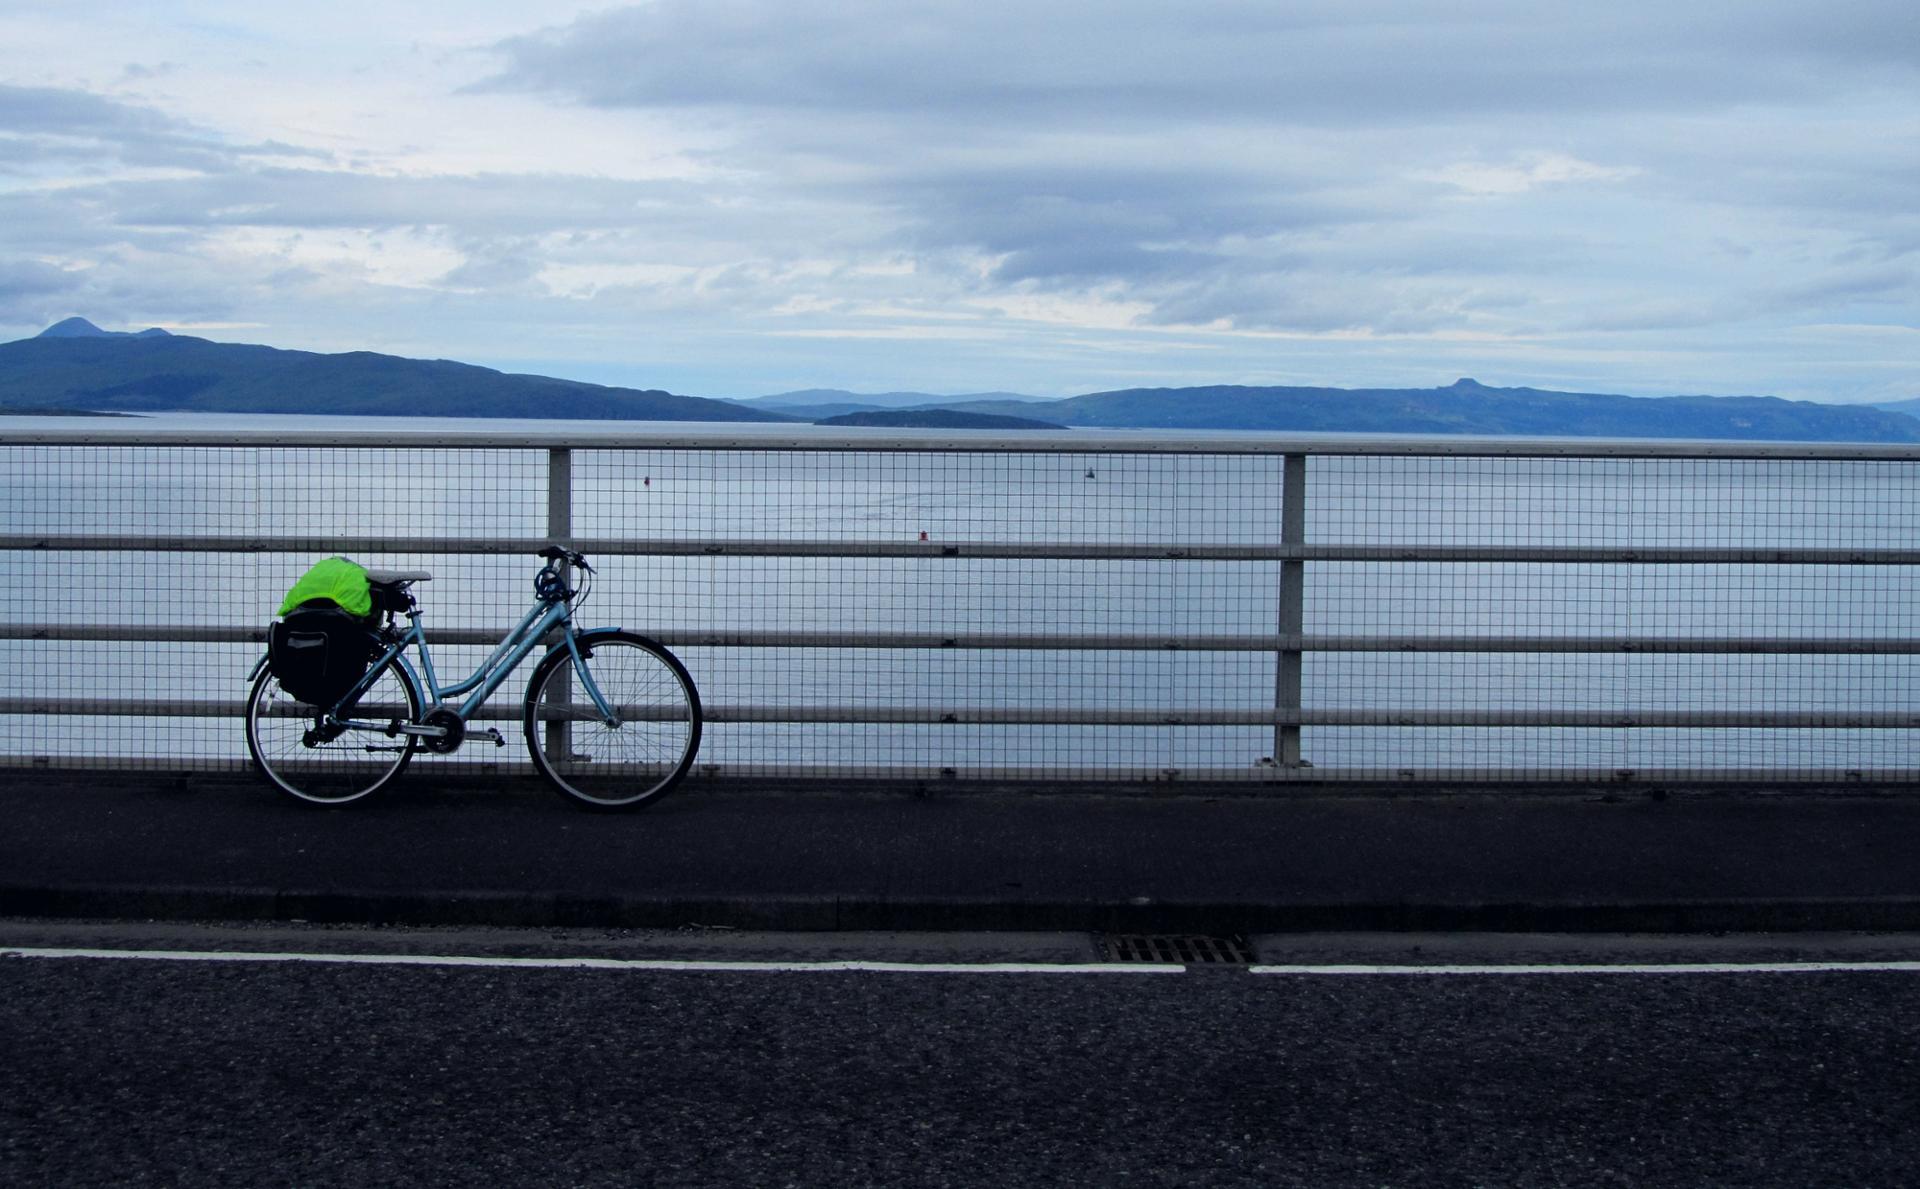 Behind the bike